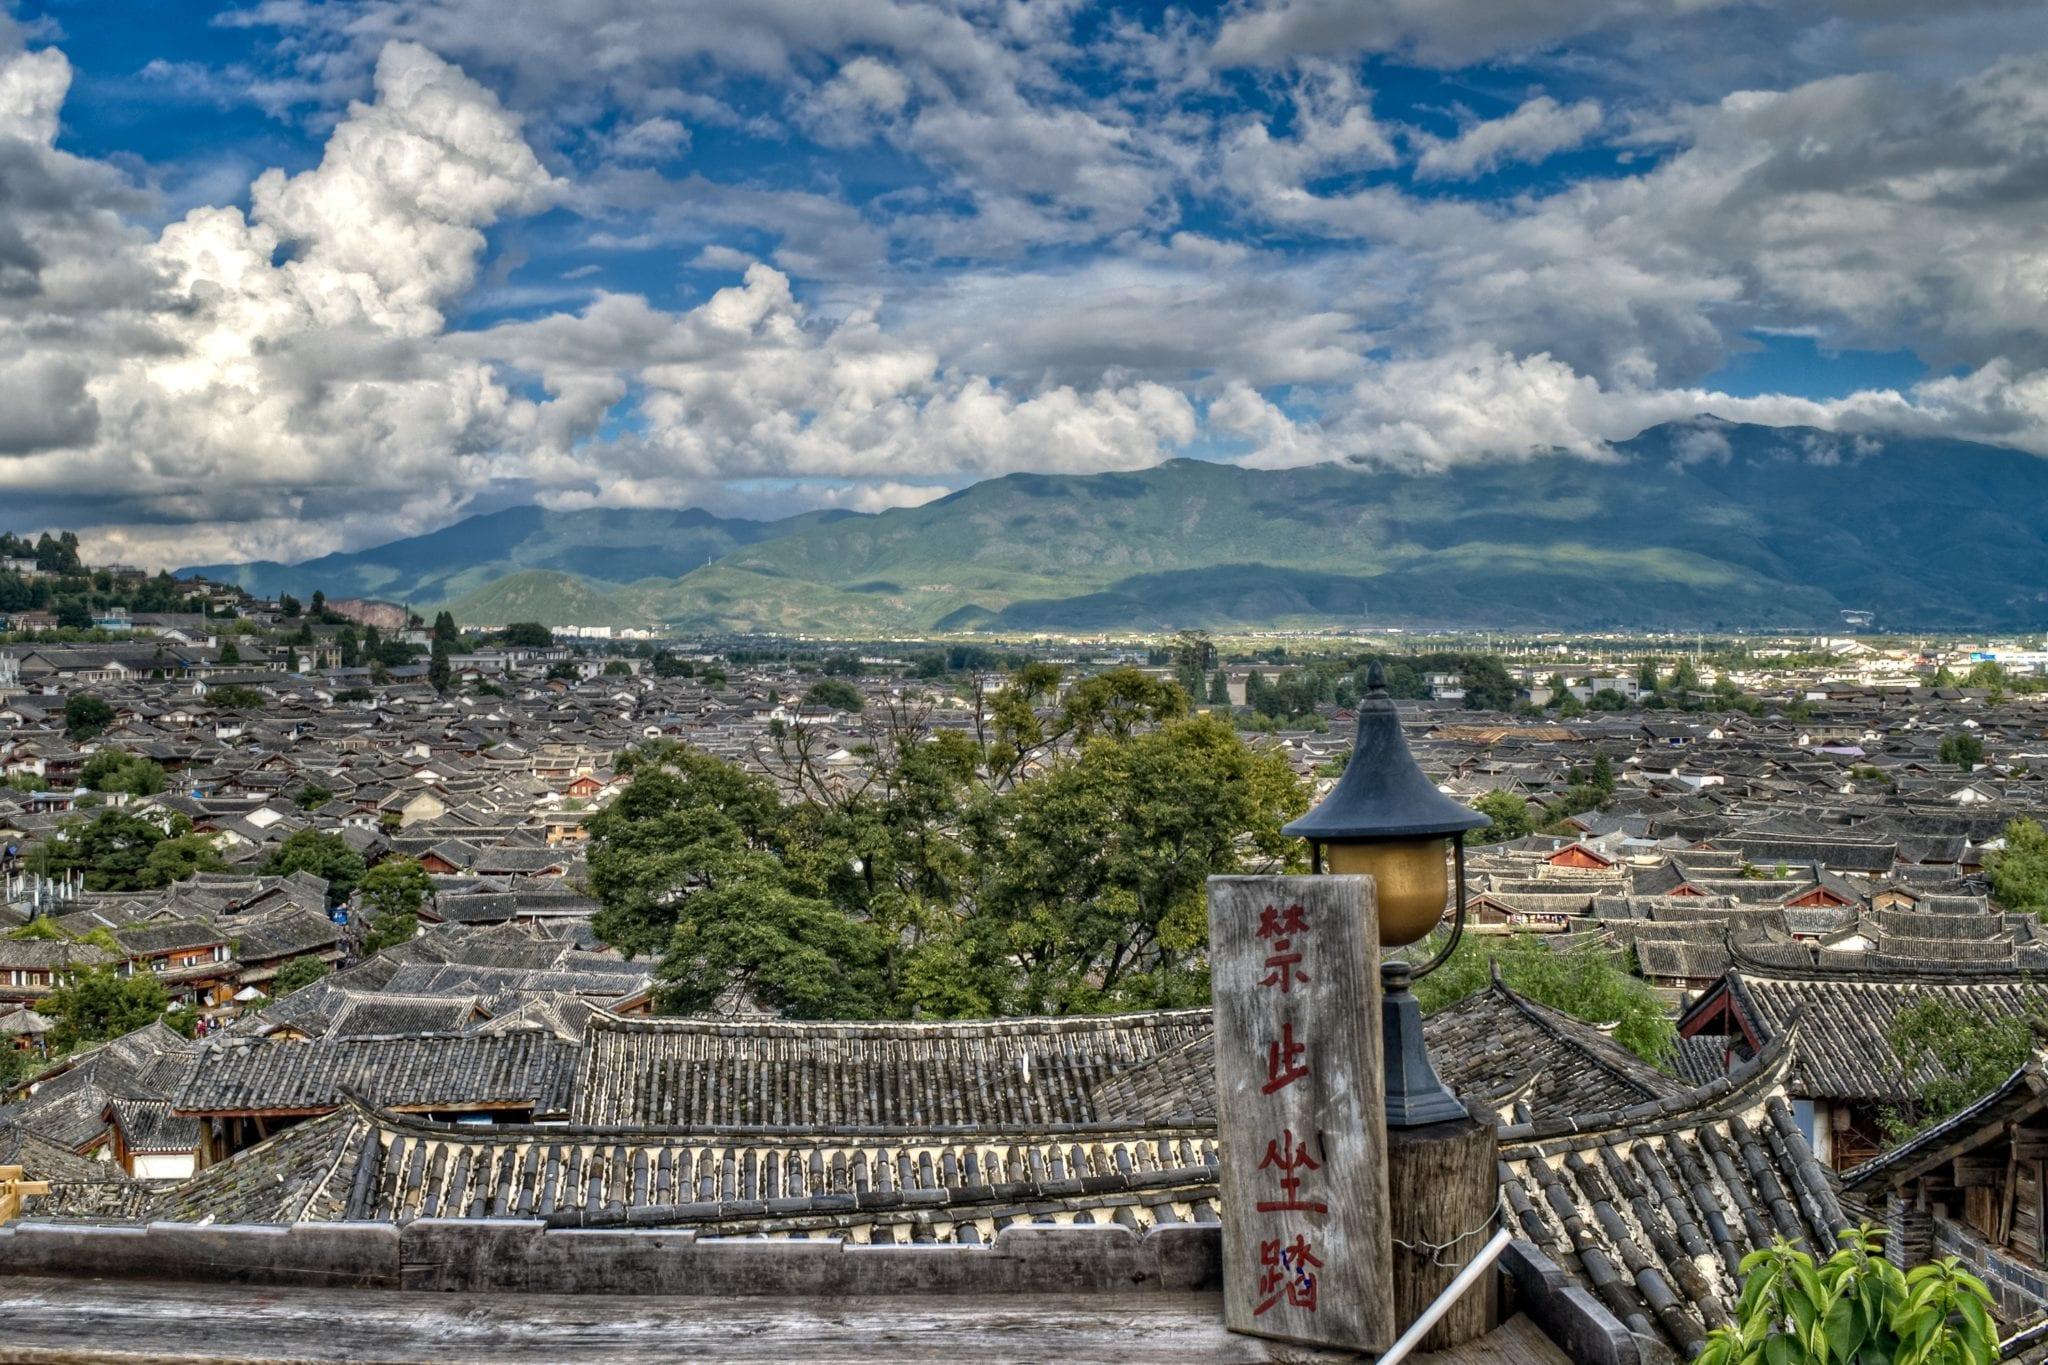 เที่ยวจีนเมืองไหนดี กำแพงเมืองจีน เที่ยวจีน สถานที่ท่องเที่ยวจีน